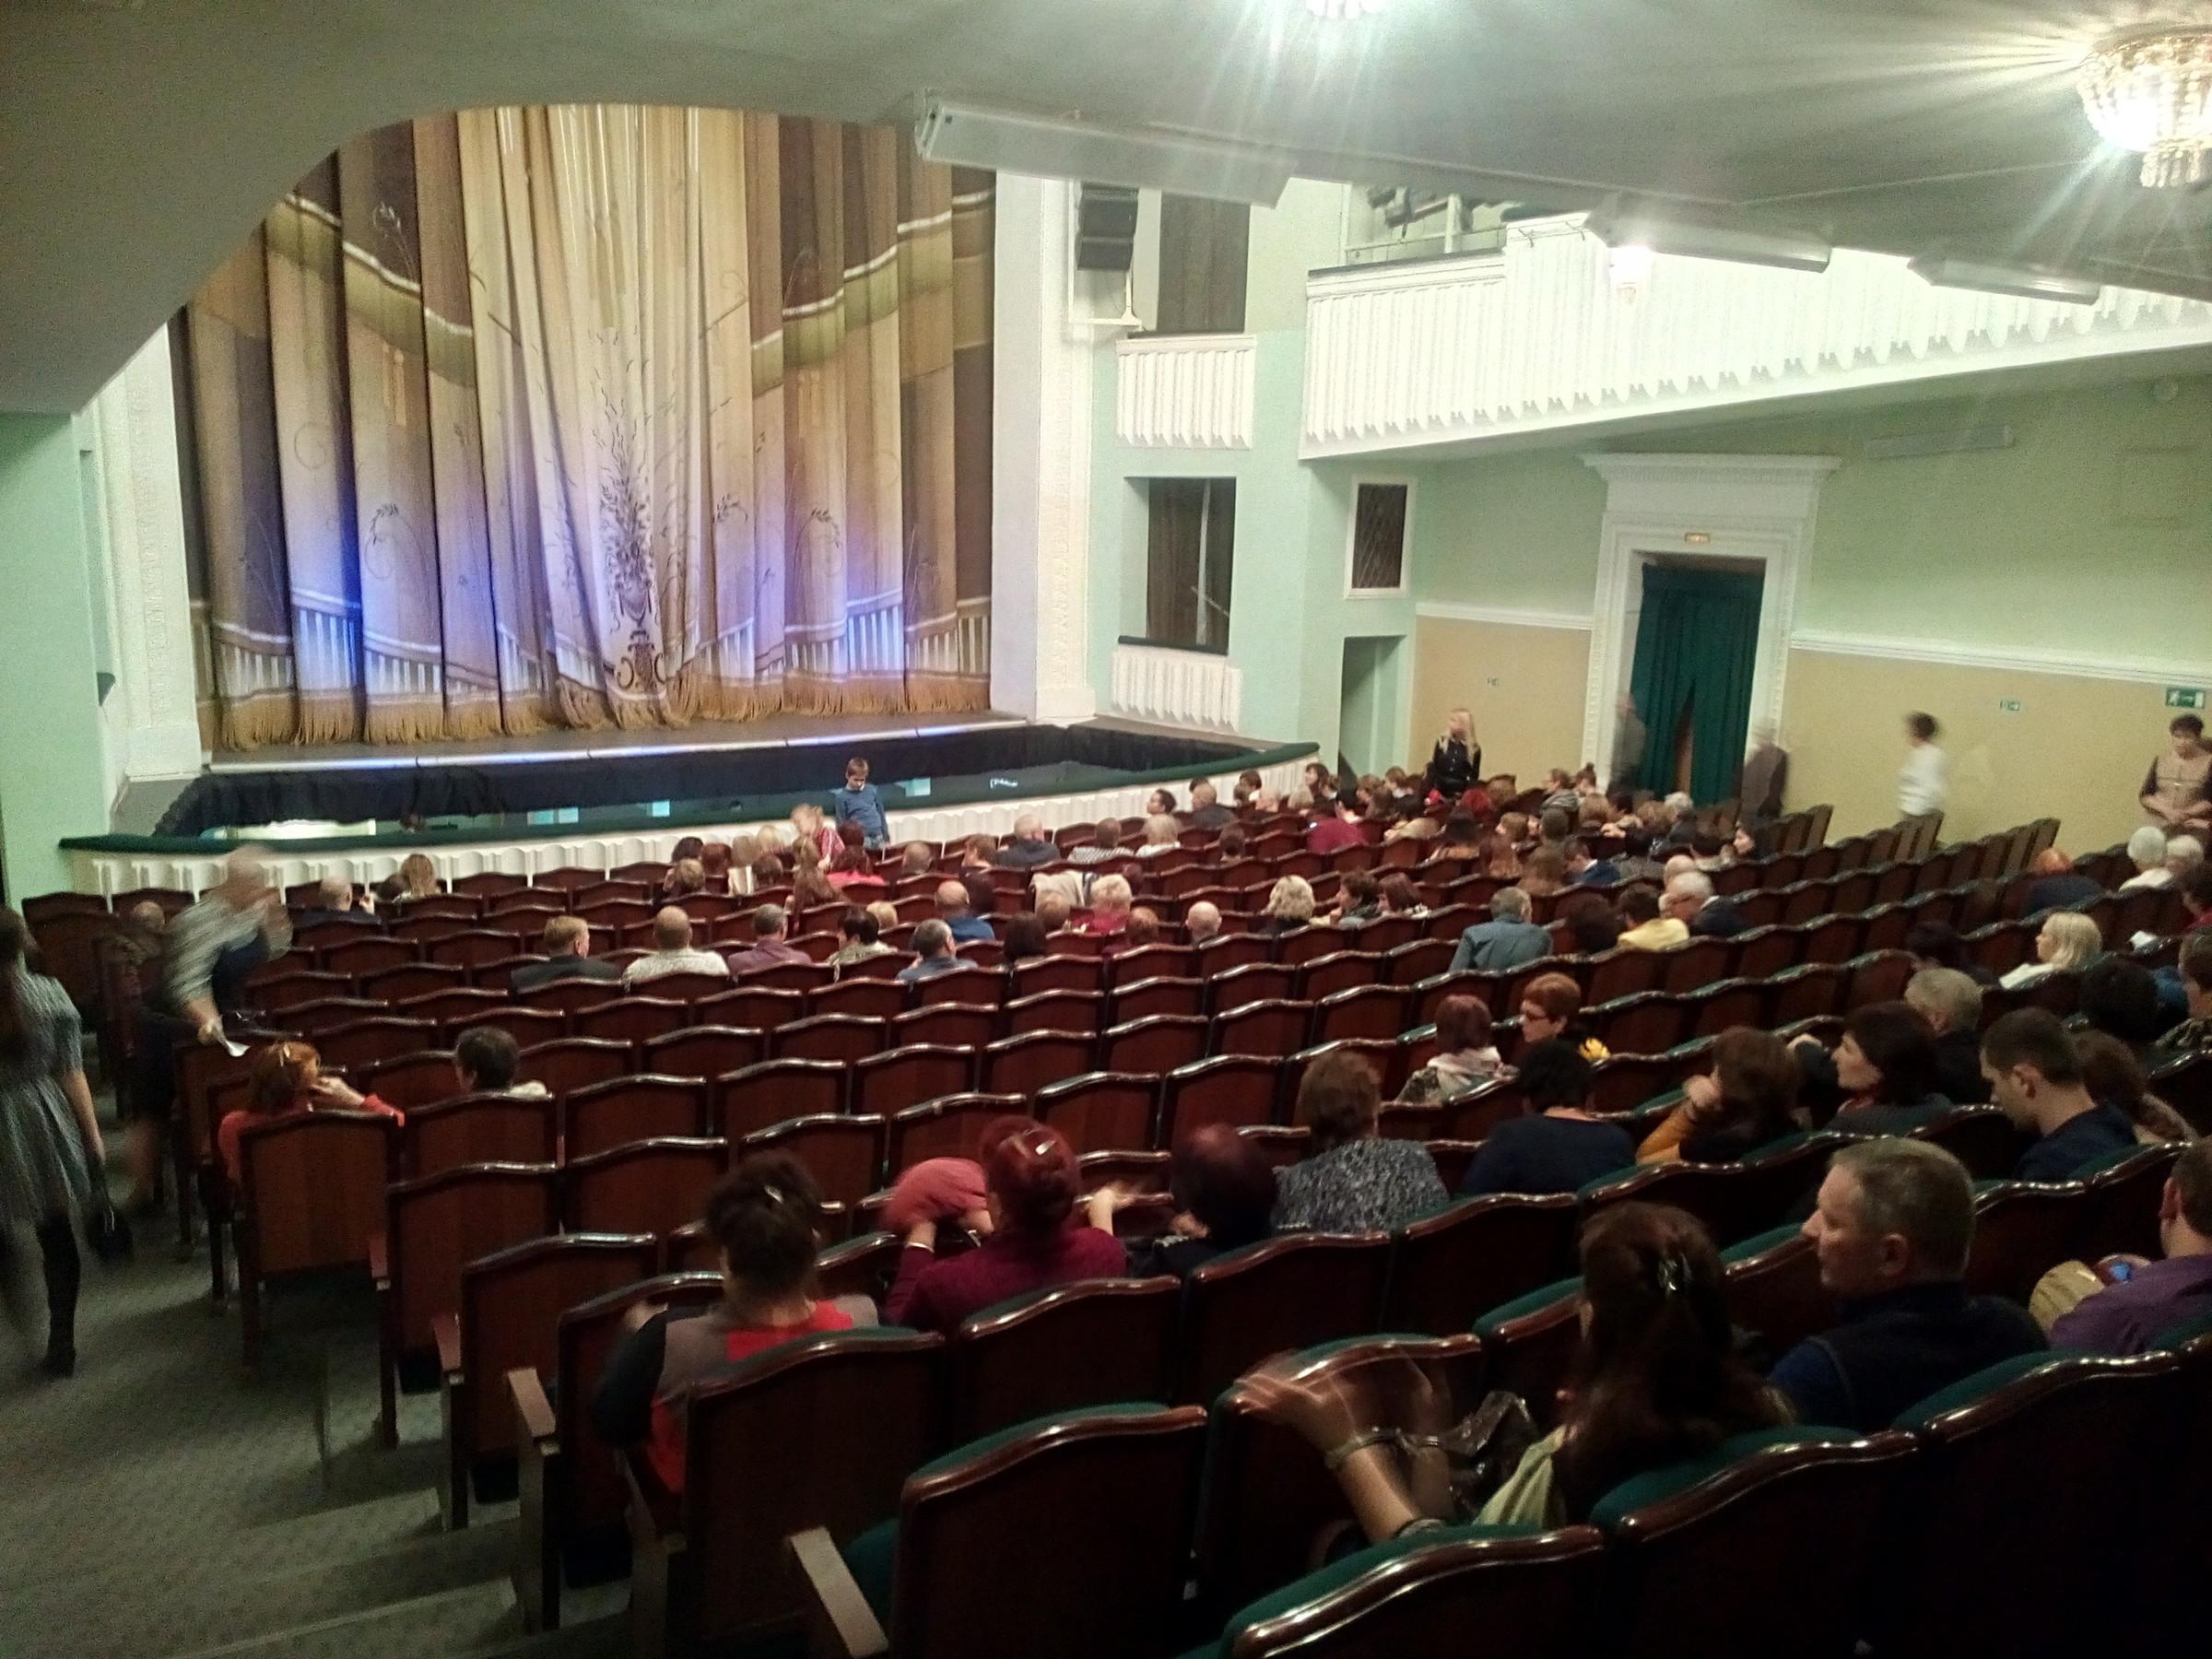 Афиша музыкального театра волгоград на декабрь музей истории гулага цены на билеты